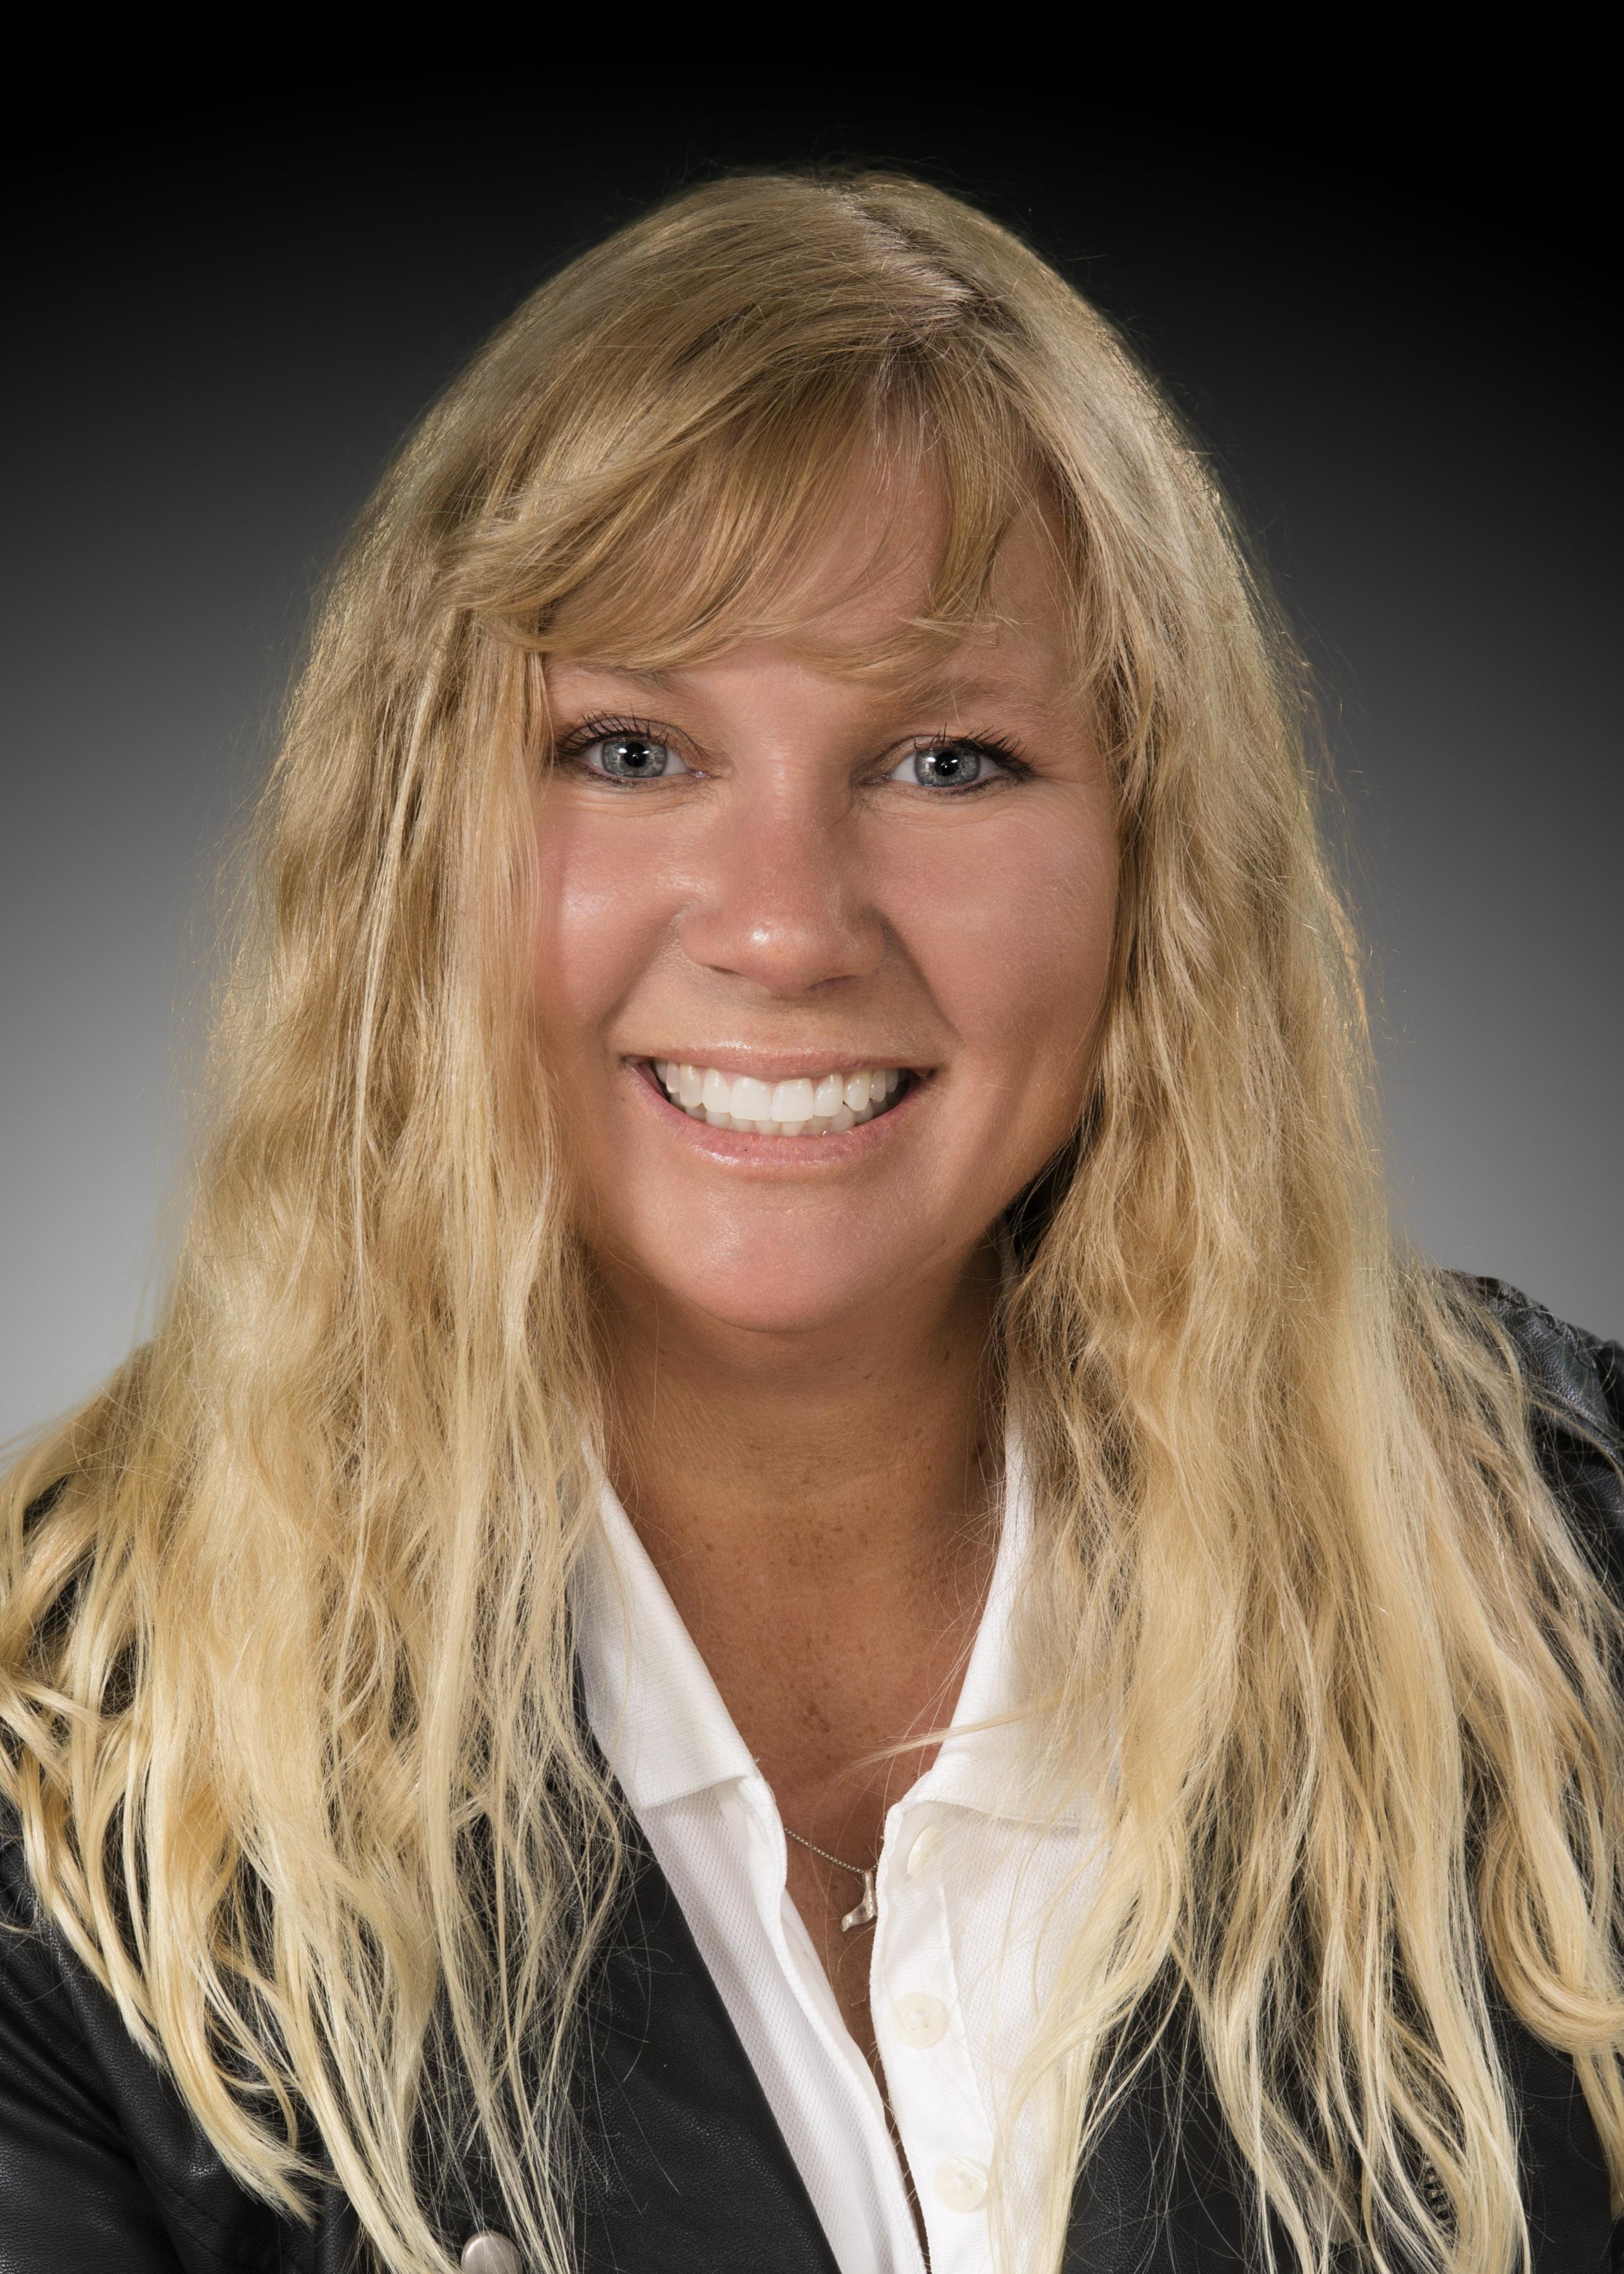 Tammy Caruso